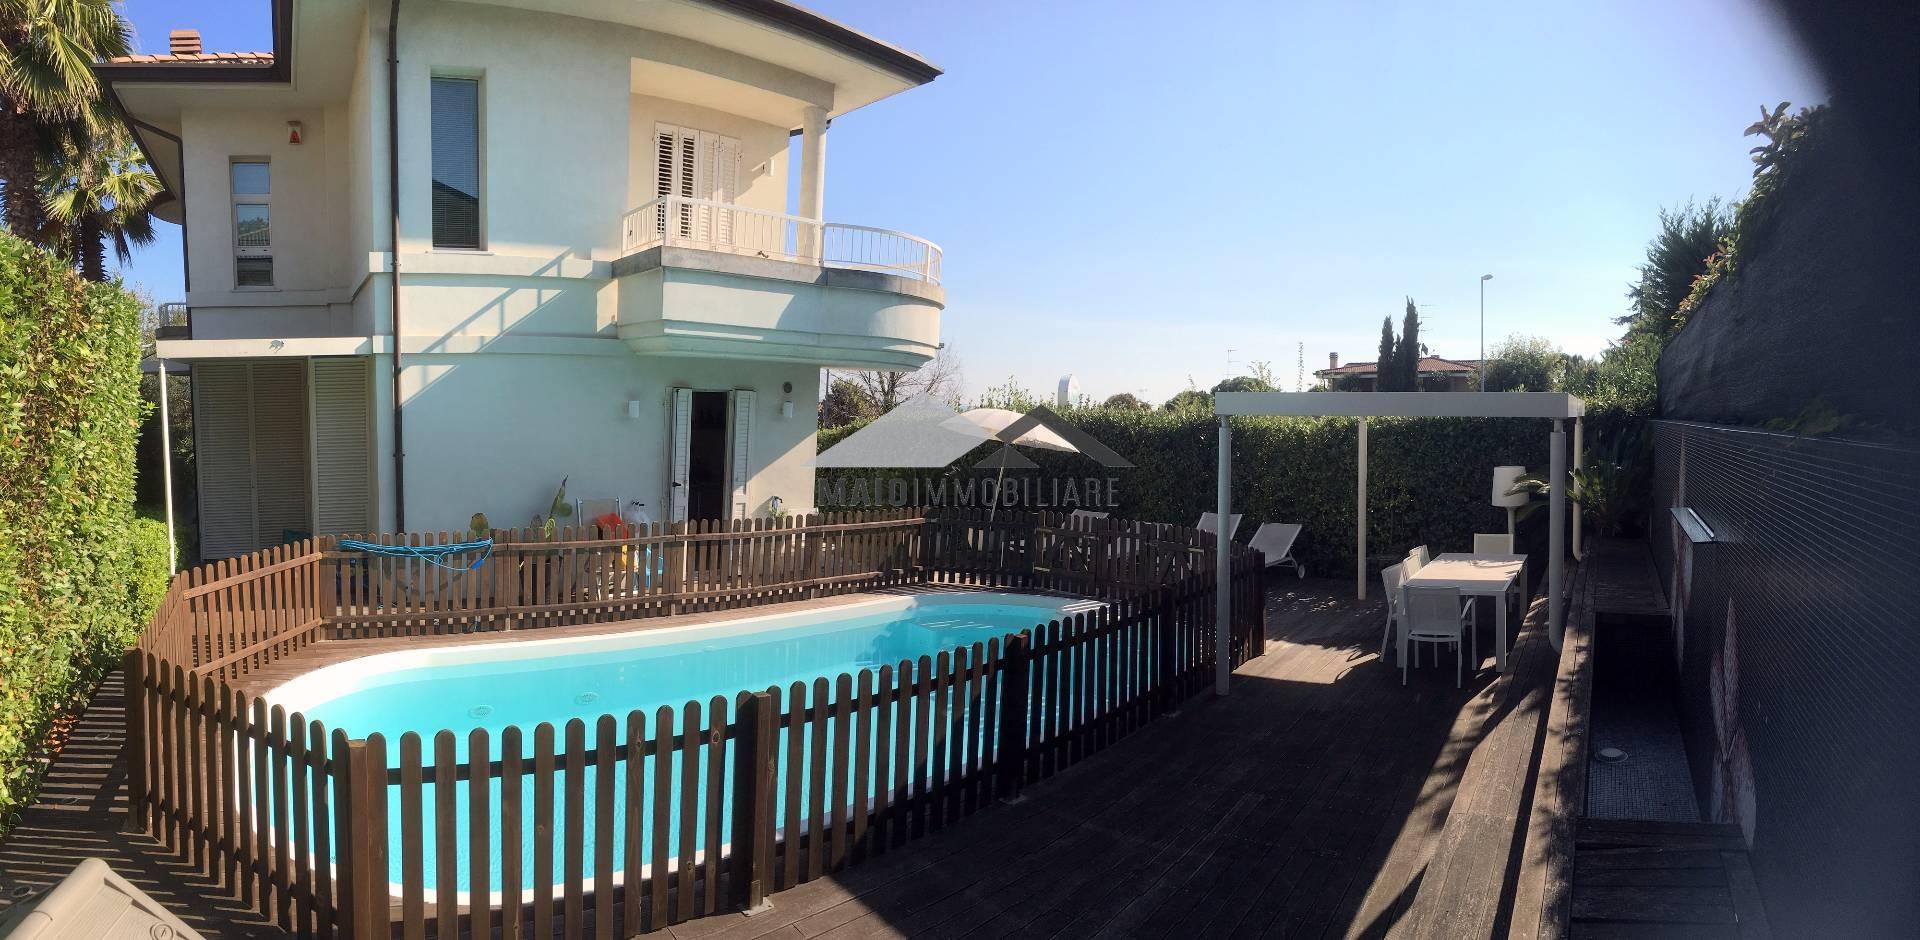 Villa in vendita a Riccione, 3 locali, zona Località: COLLEDEIPINI, prezzo € 980.000 | CambioCasa.it